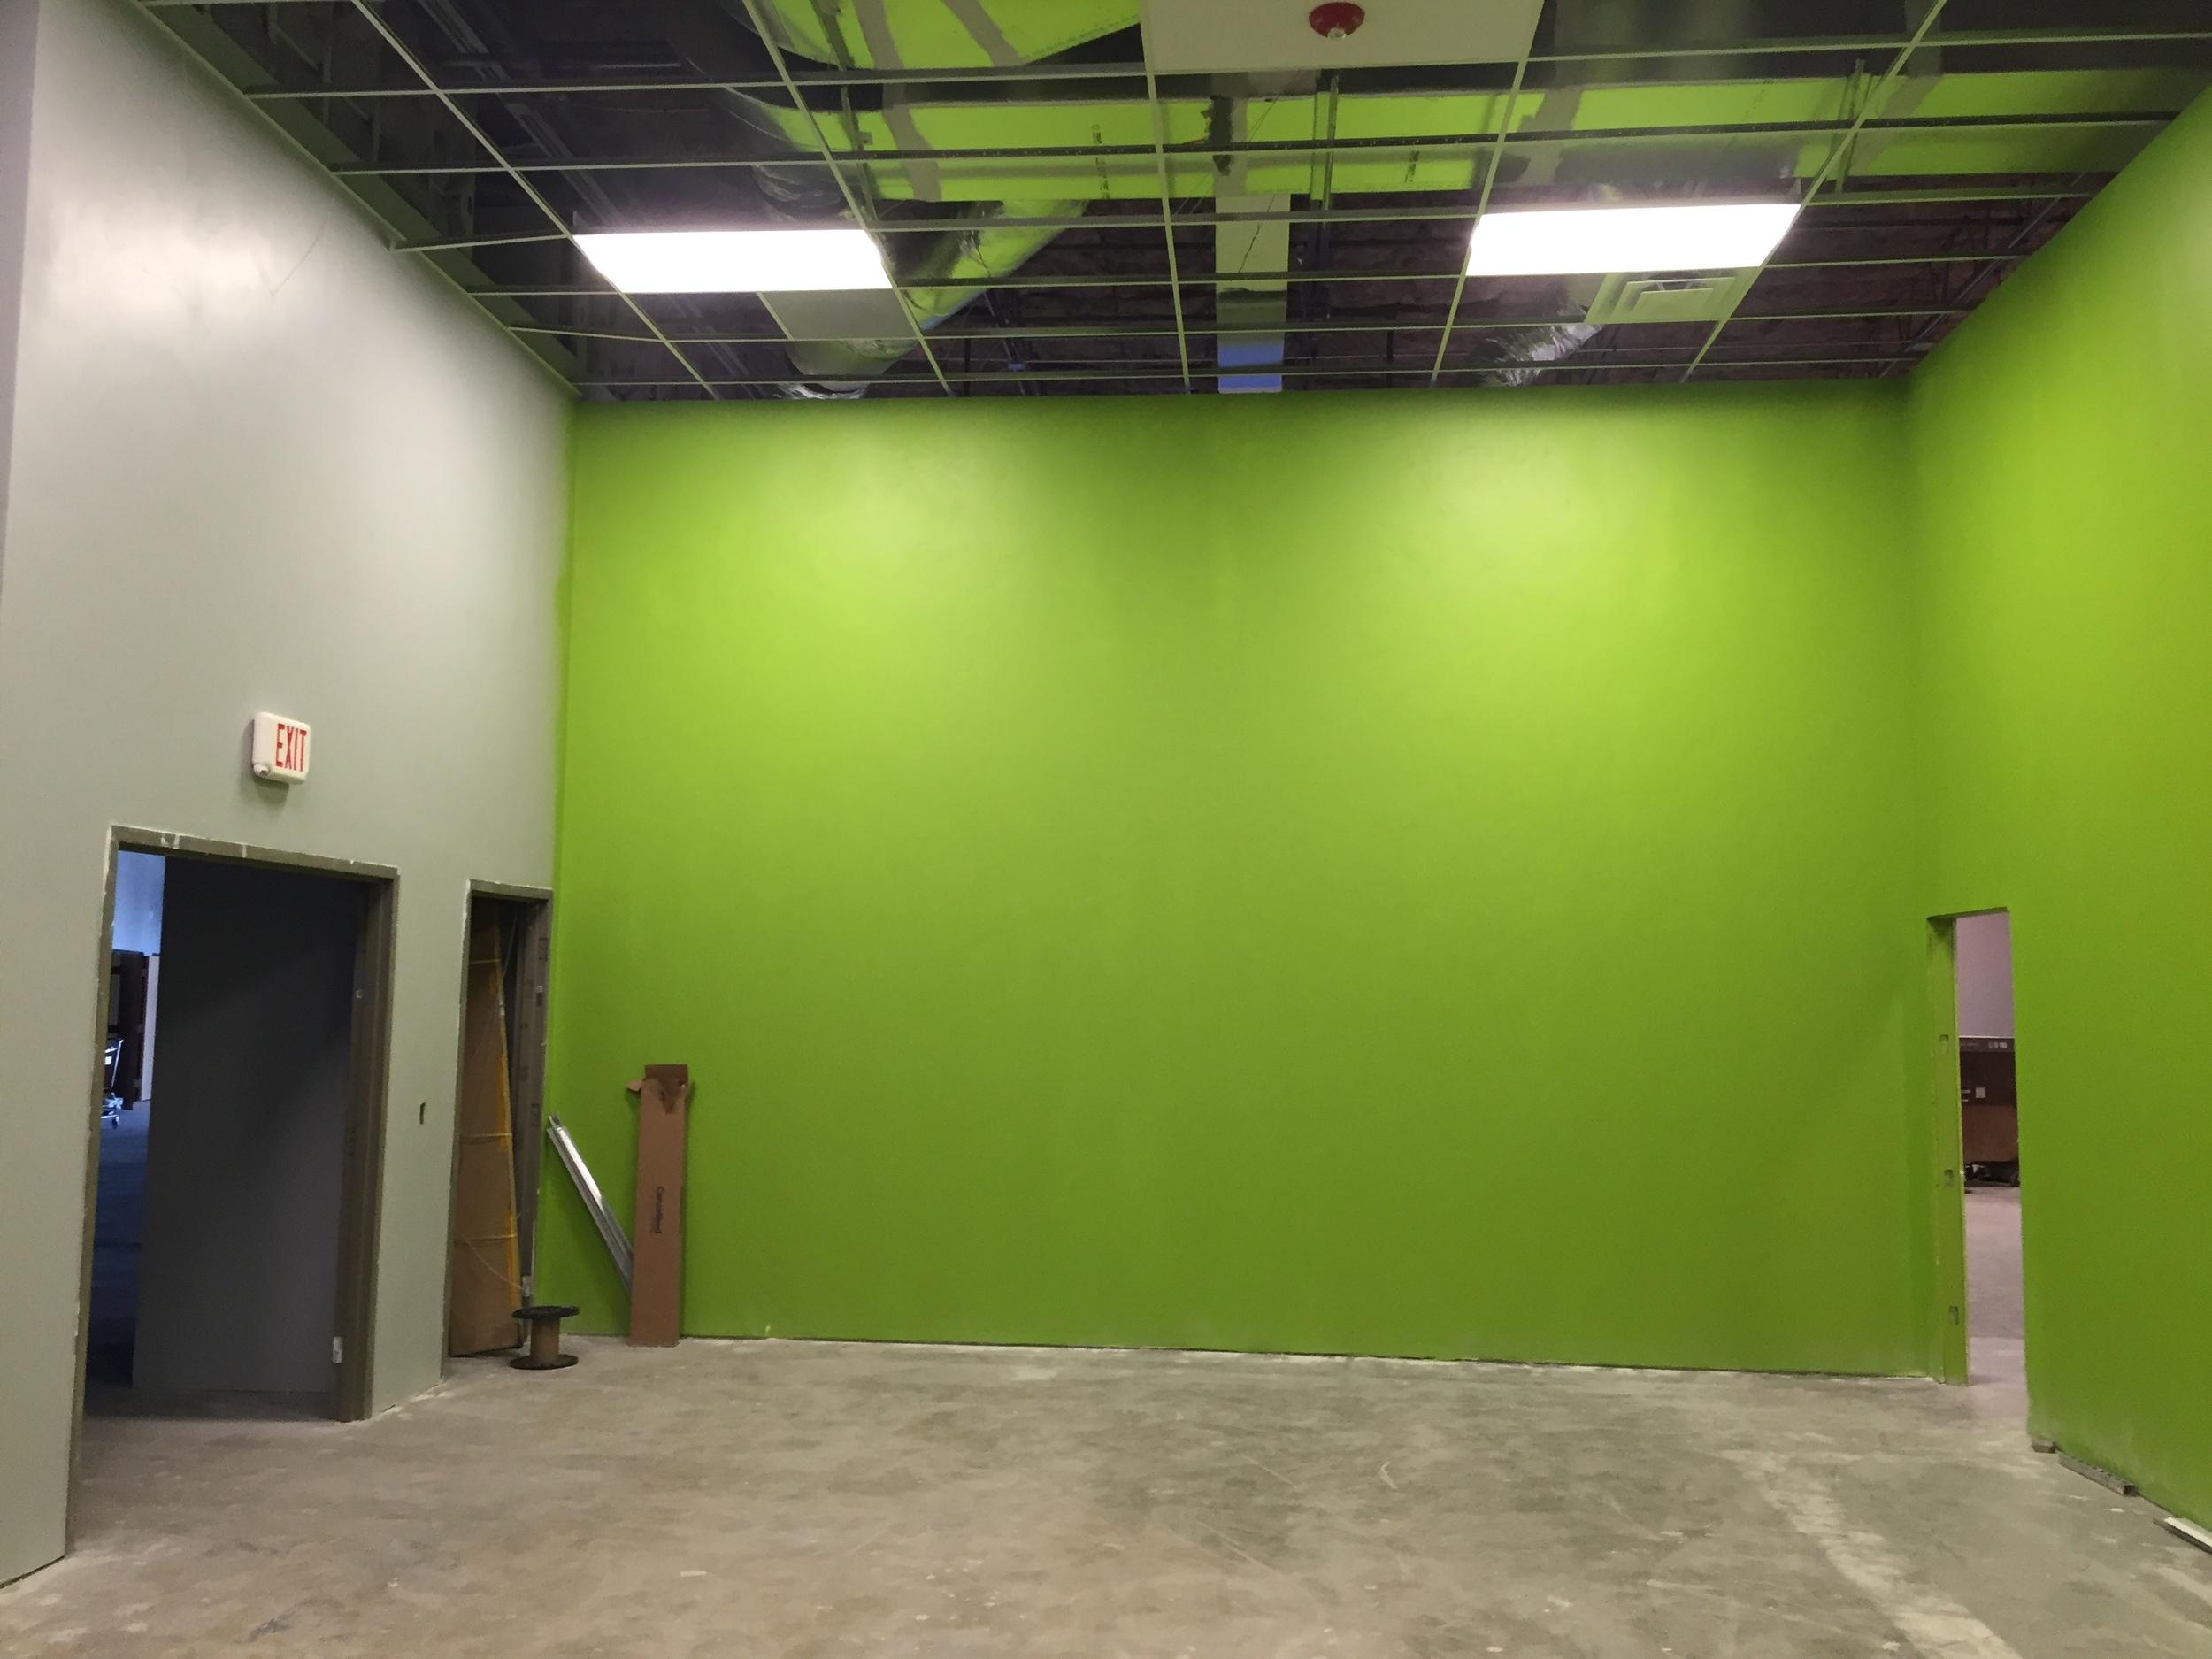 Children's Ministry | Green Room